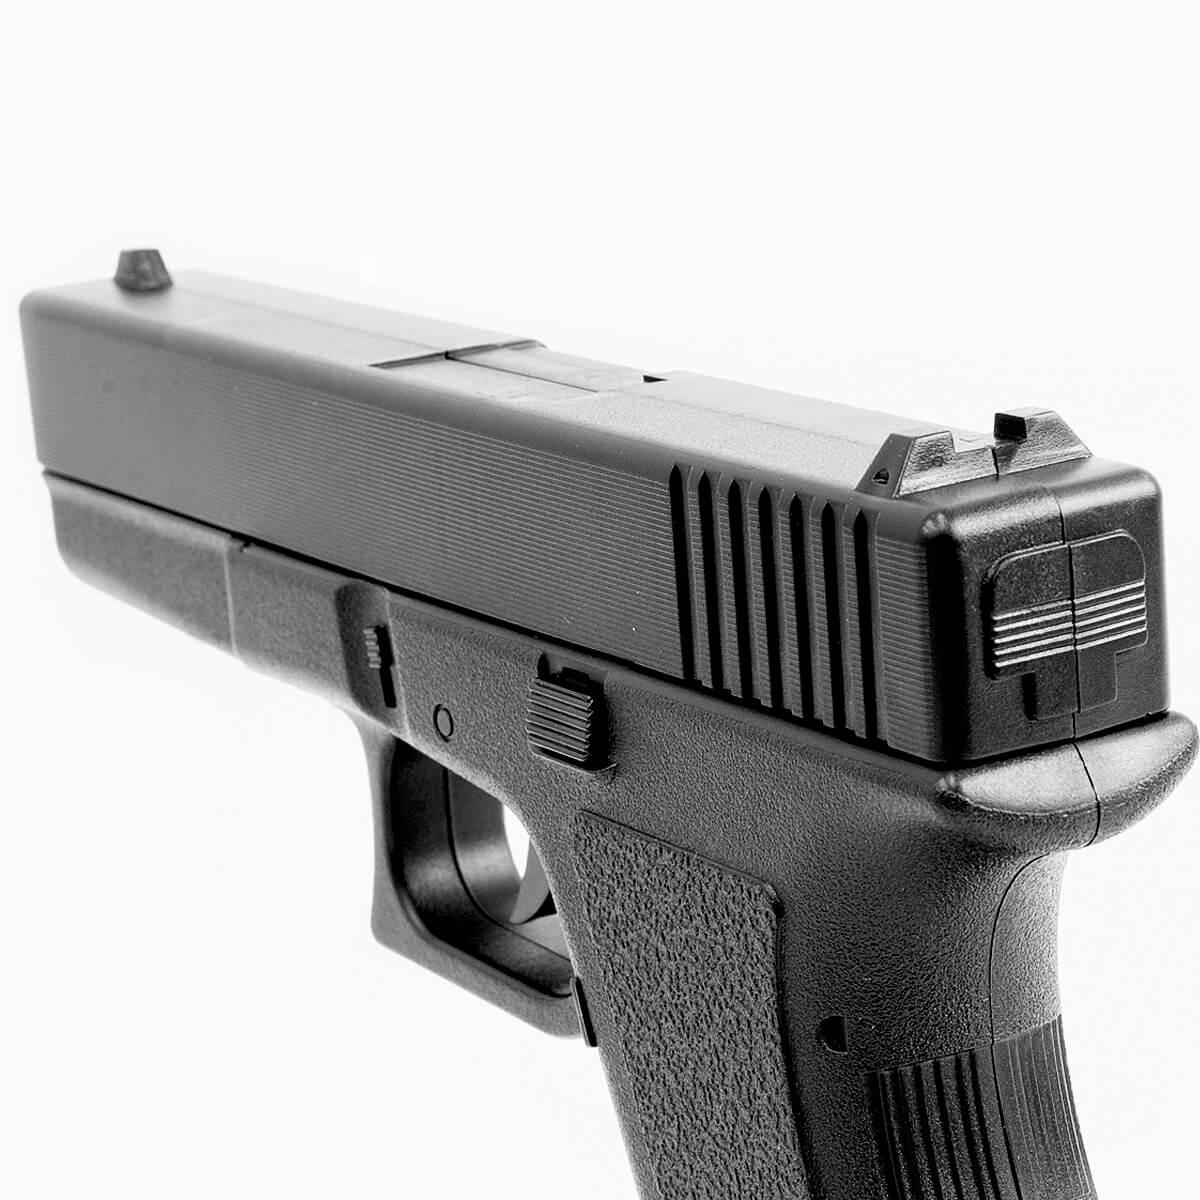 Pistola Airsoft Rossi Mola Pp Vg Gk-v307 6 mm